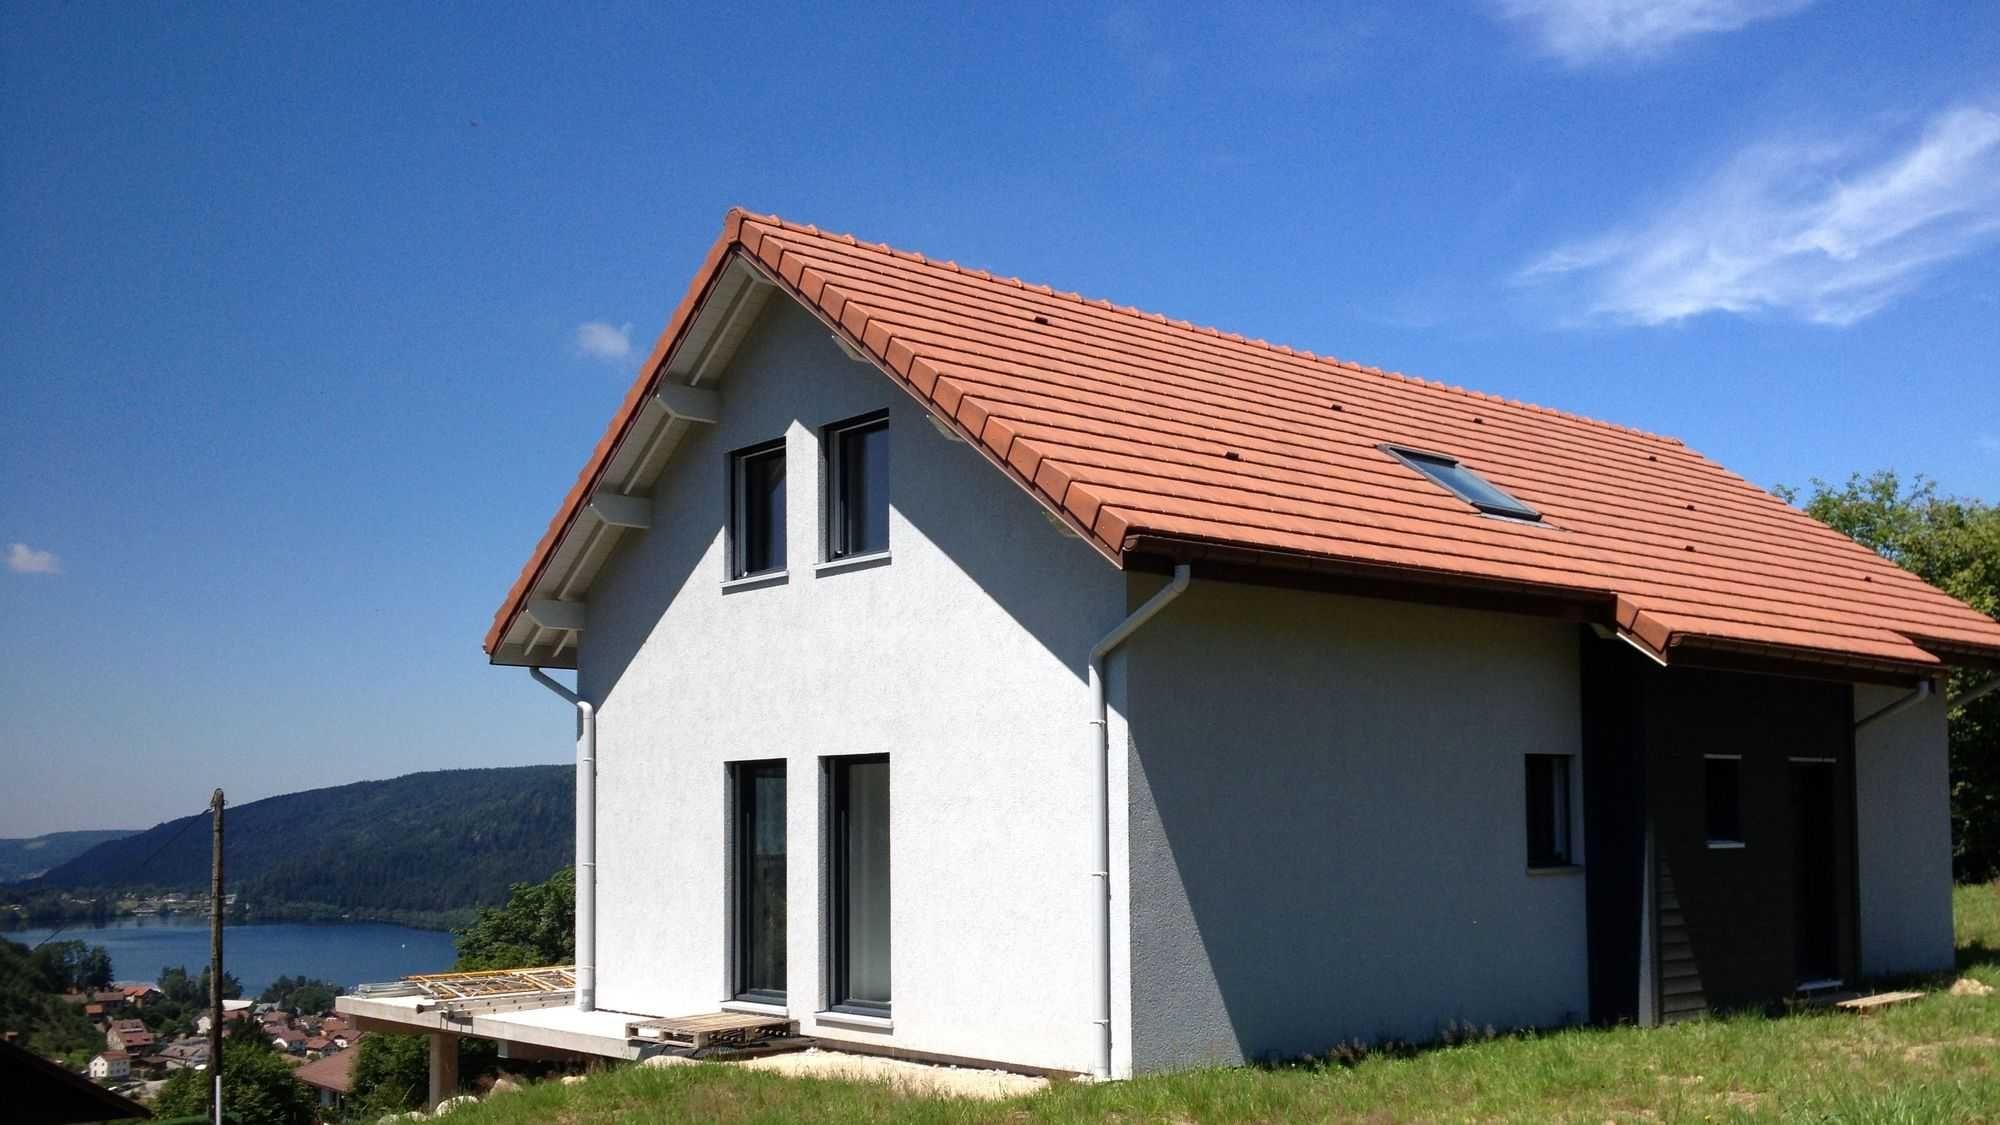 maison ossature bois vosges g rardmer 88400 constructeur de maison ossature bois depuis 1967